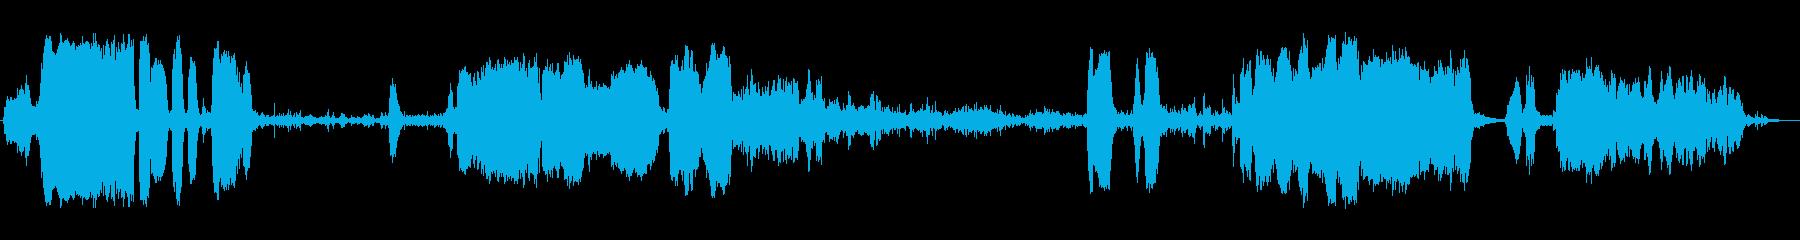 高、中空、回転する金属の鳴き声、フォリーの再生済みの波形